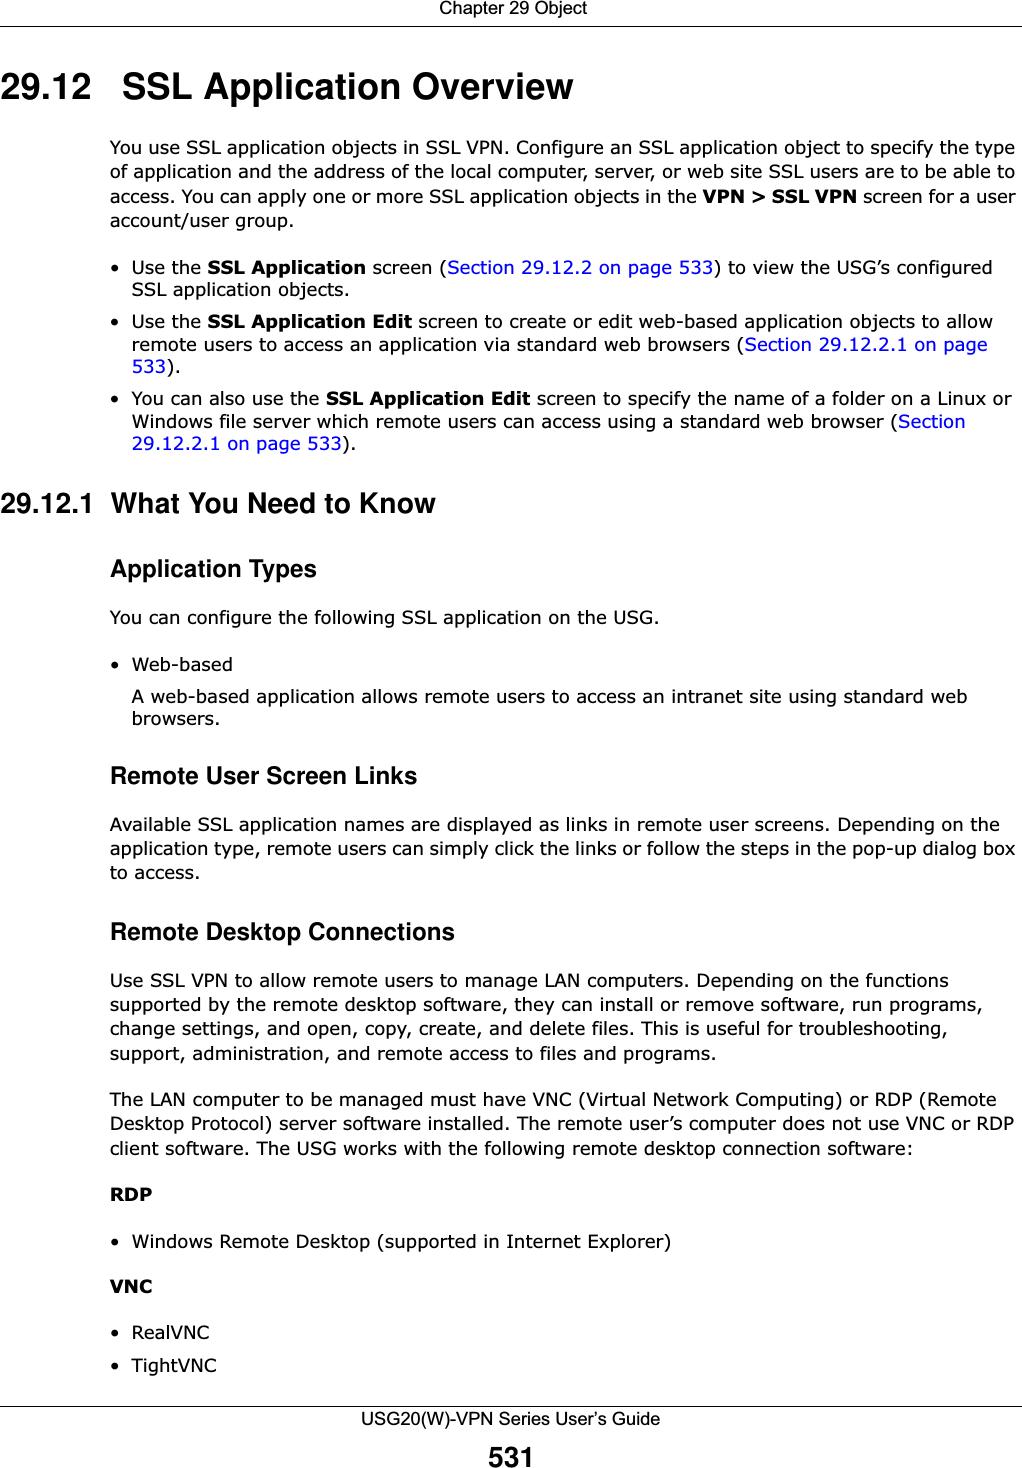 ZyXEL Communications USG20W-VPN VPN Firewall User Manual Book